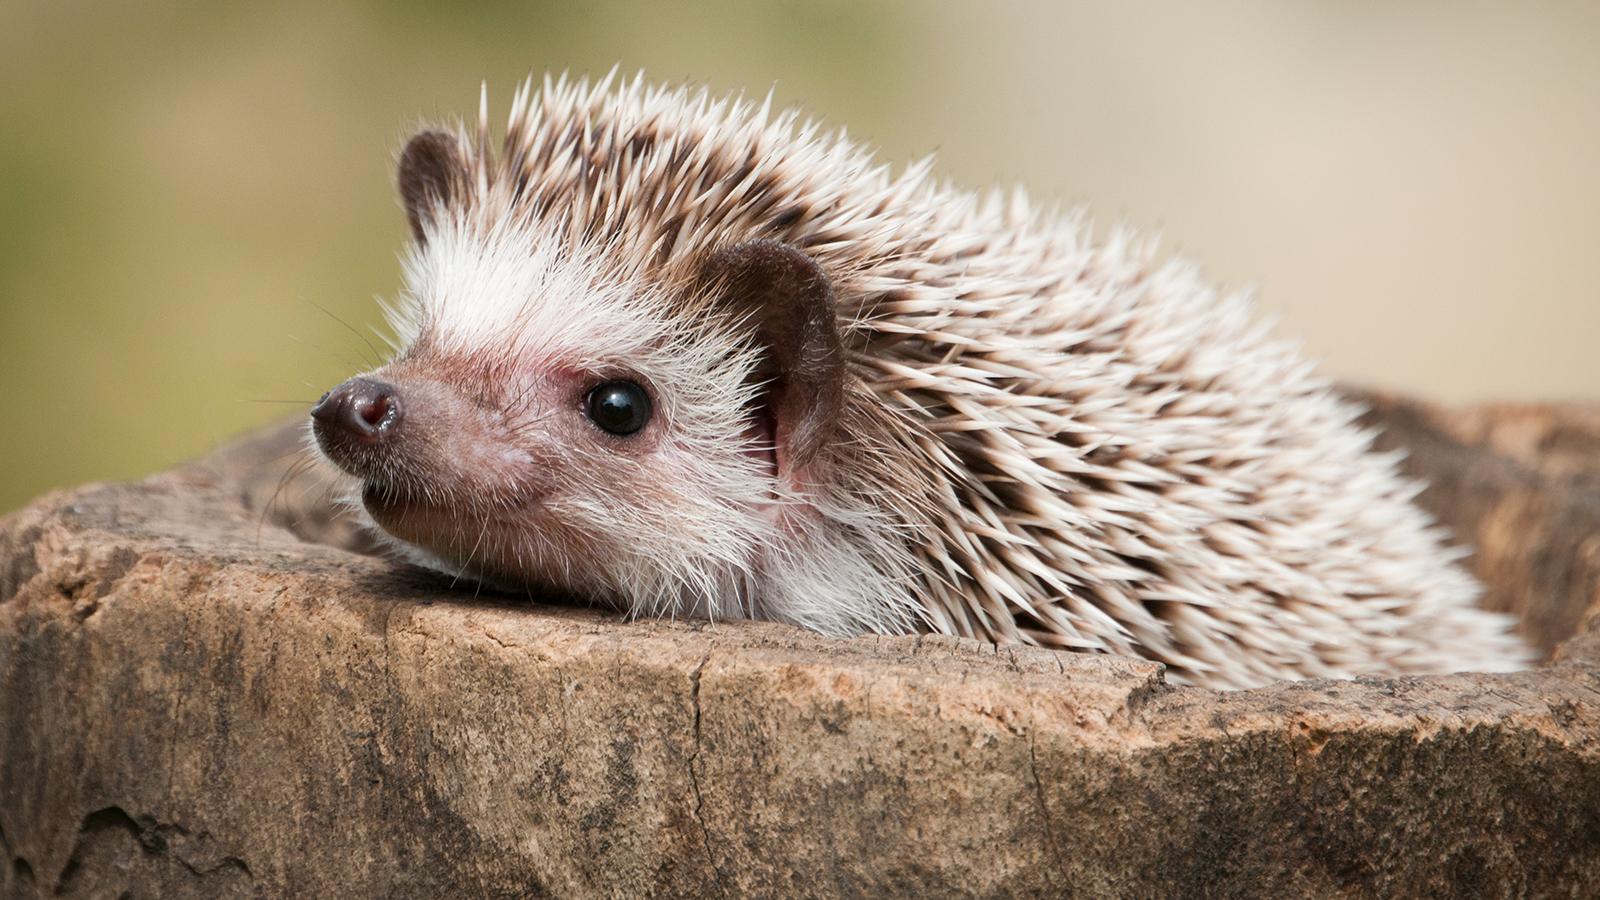 hedgehog-closeup[1].jpg